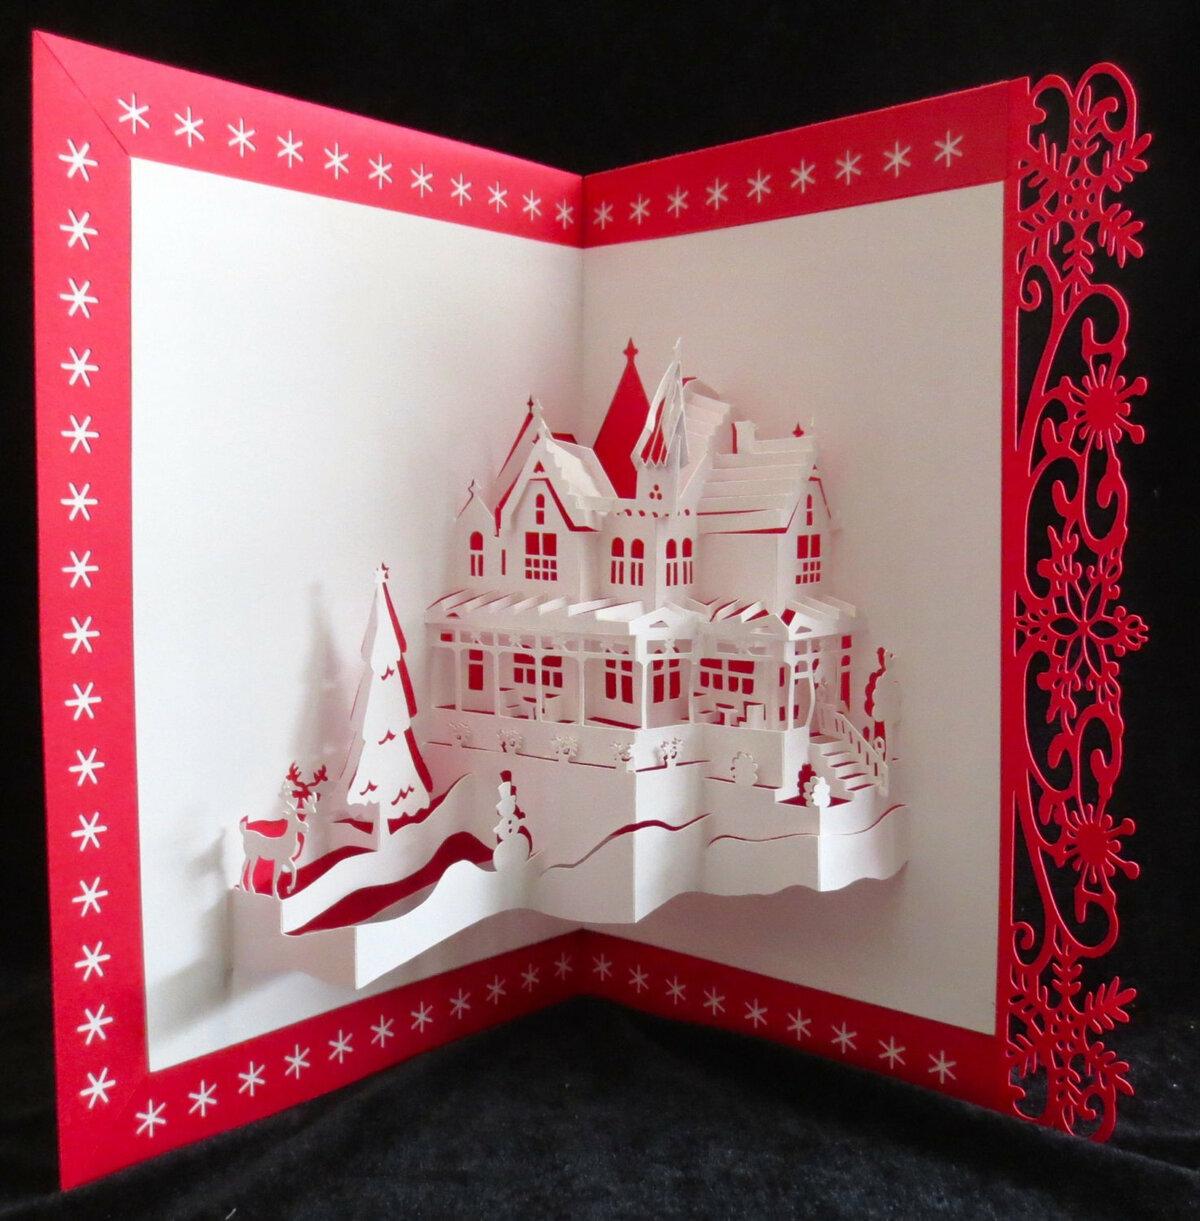 открытка с новым годом в технике оригами видно фото, она